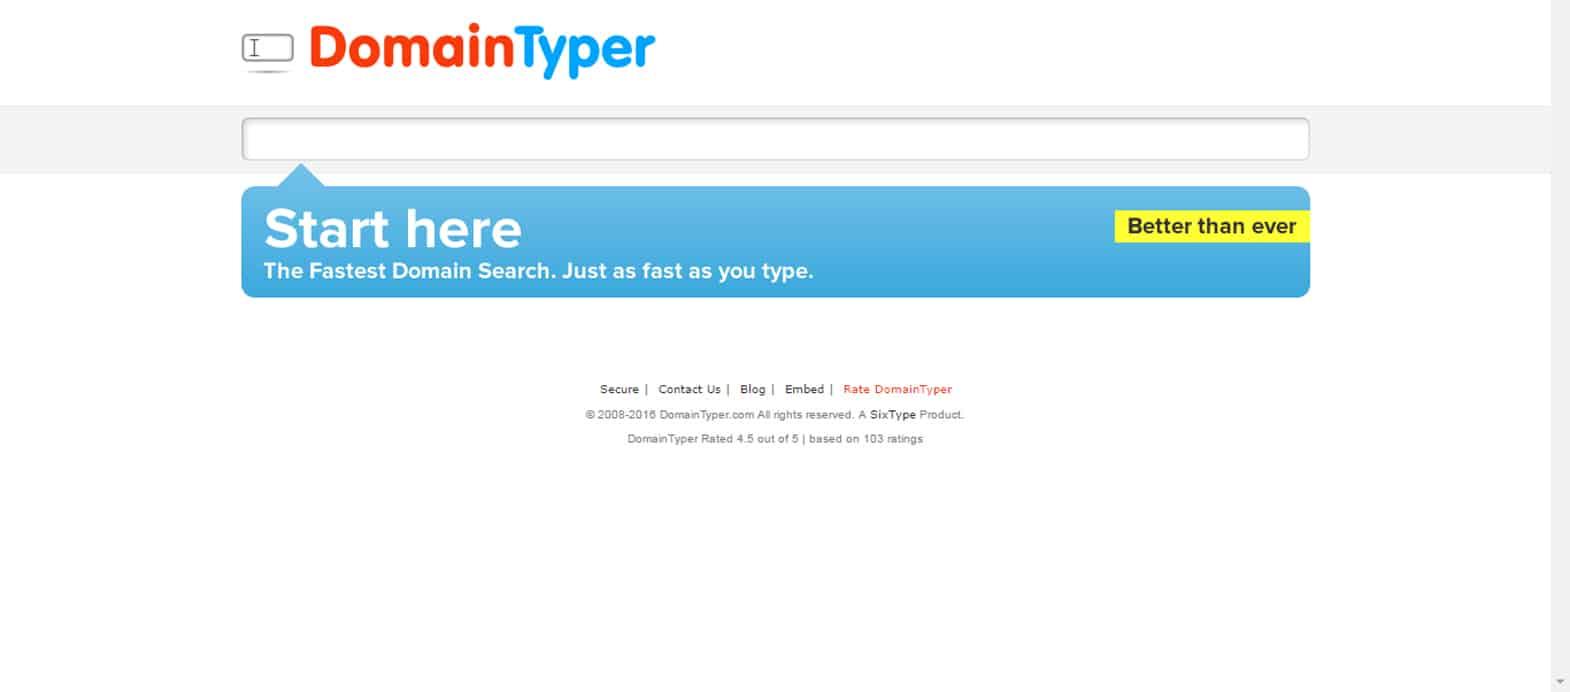 Domain TyperDomain Typer